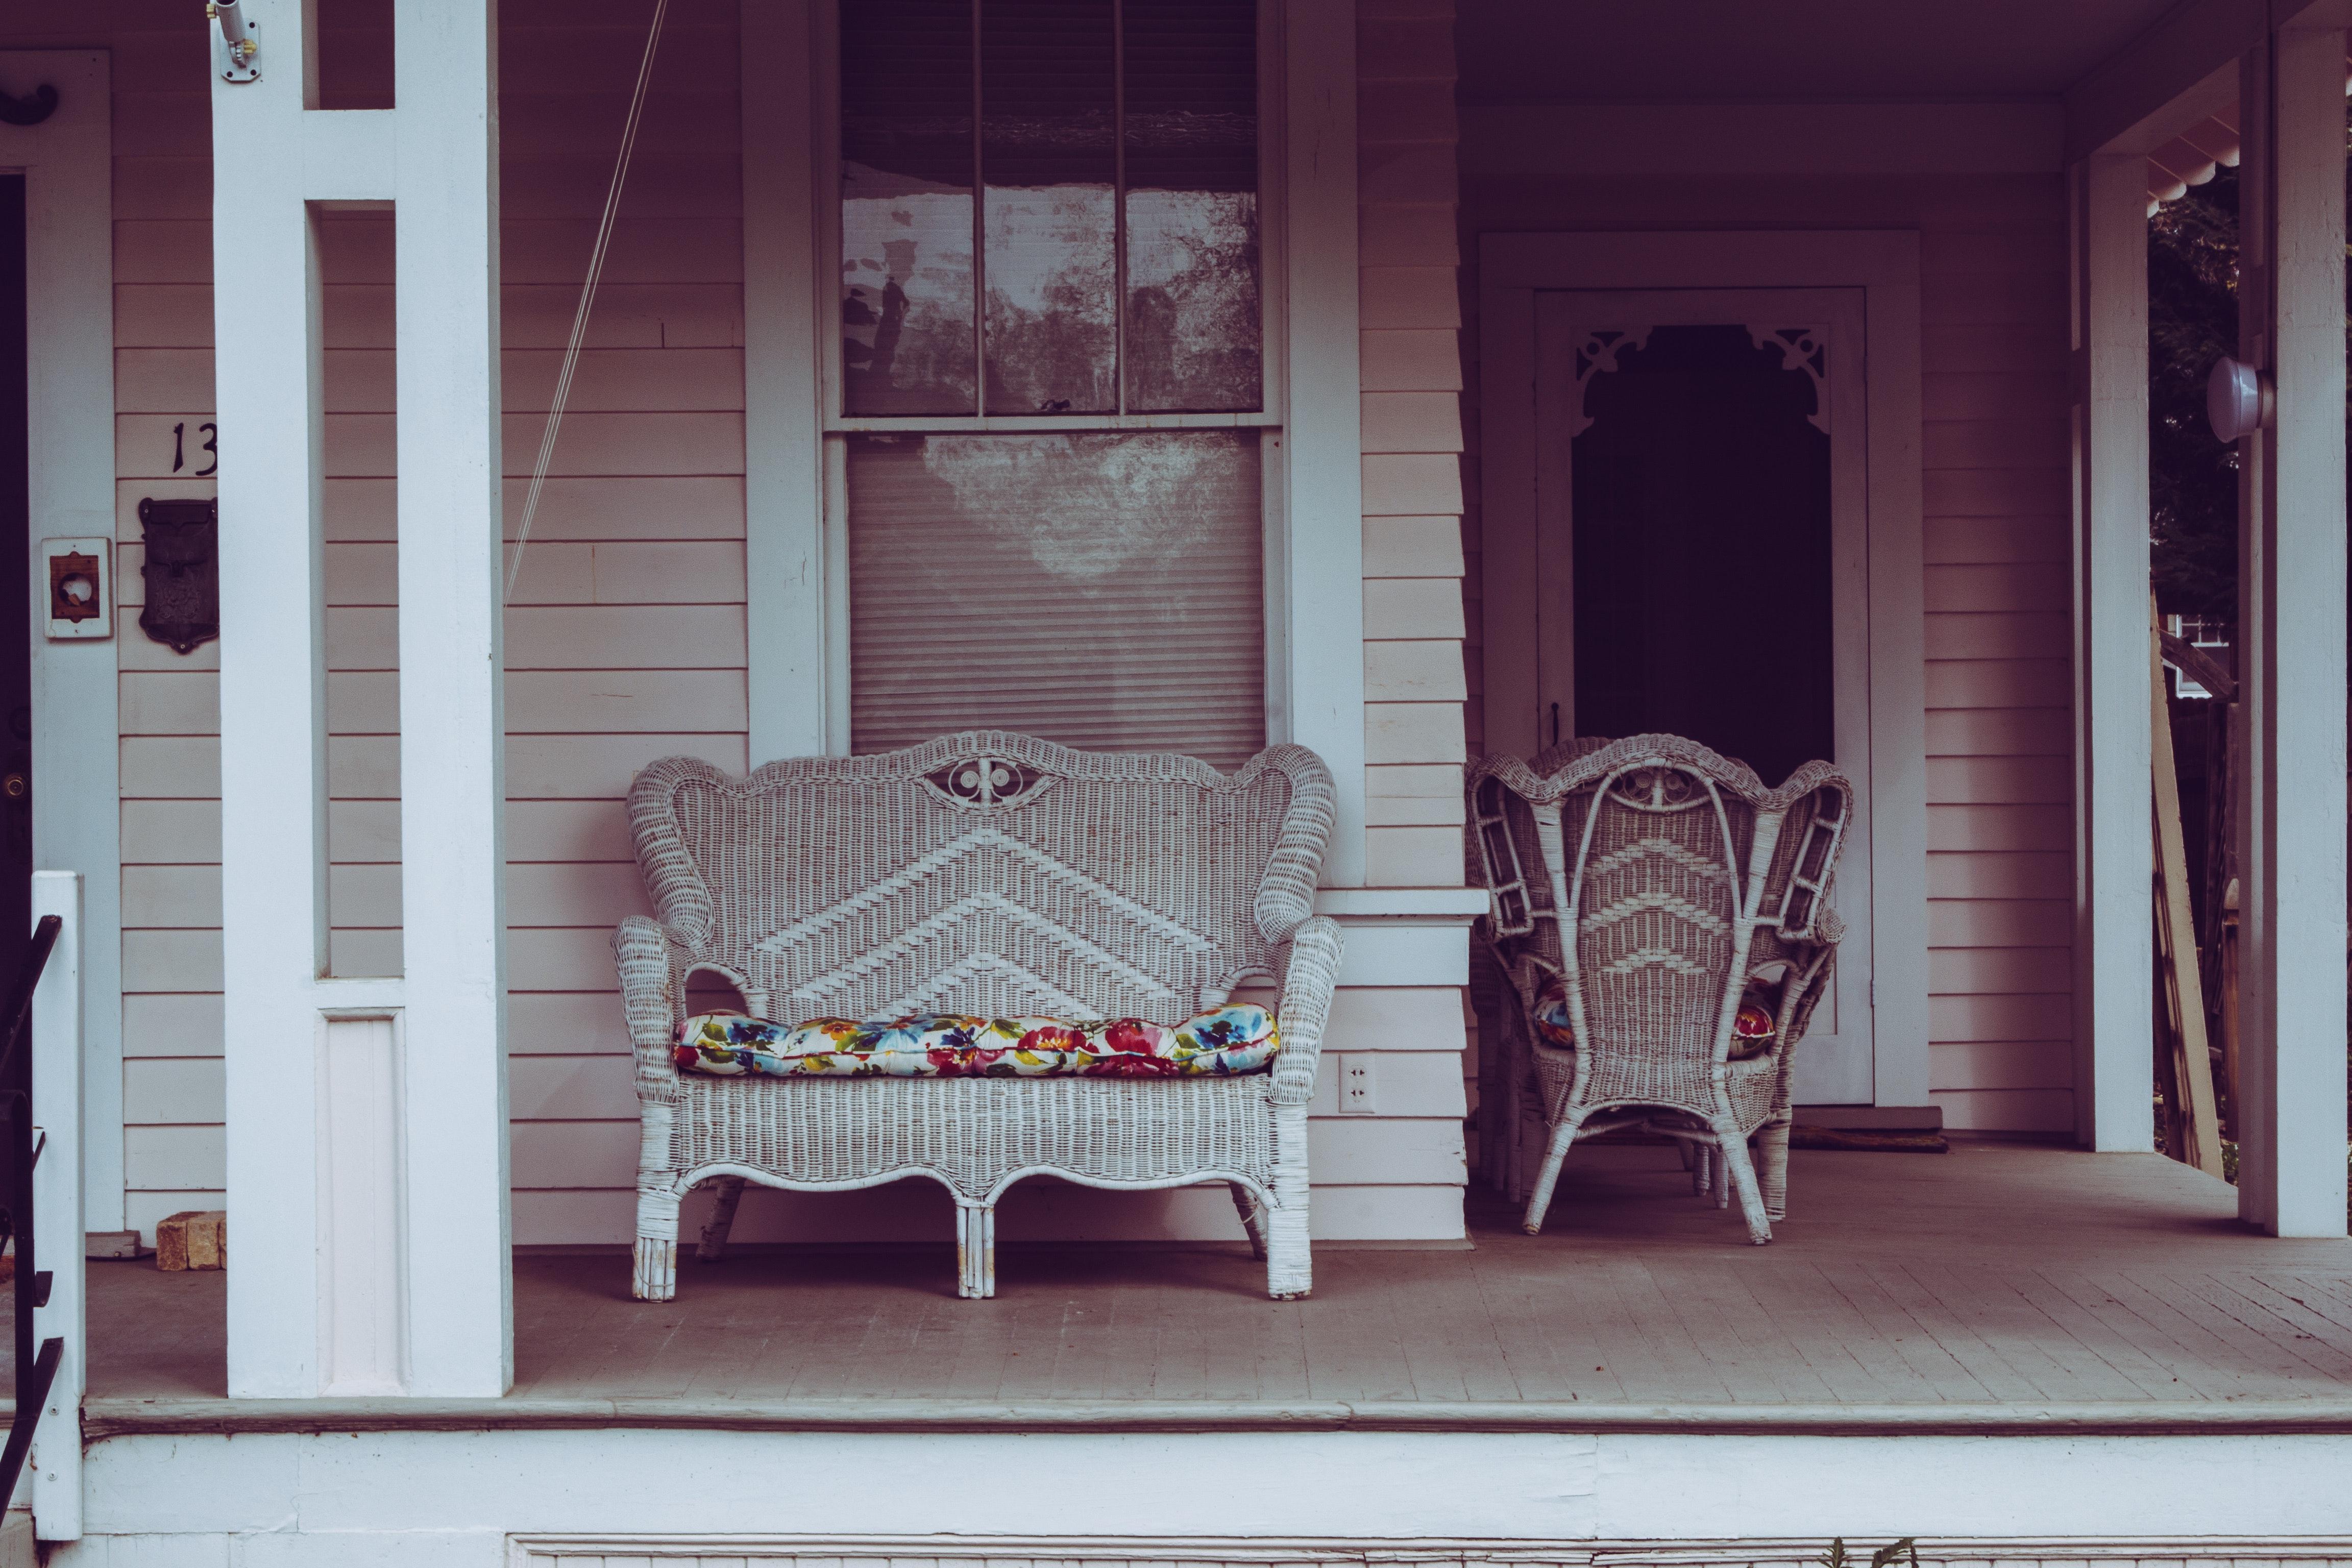 Images Gratuites Architecture Chaise Chaises Nettoyer Lumiere Du Jour Conception Porte Sol Le Porche Maison A Linterieur Mode De Vie Luxe